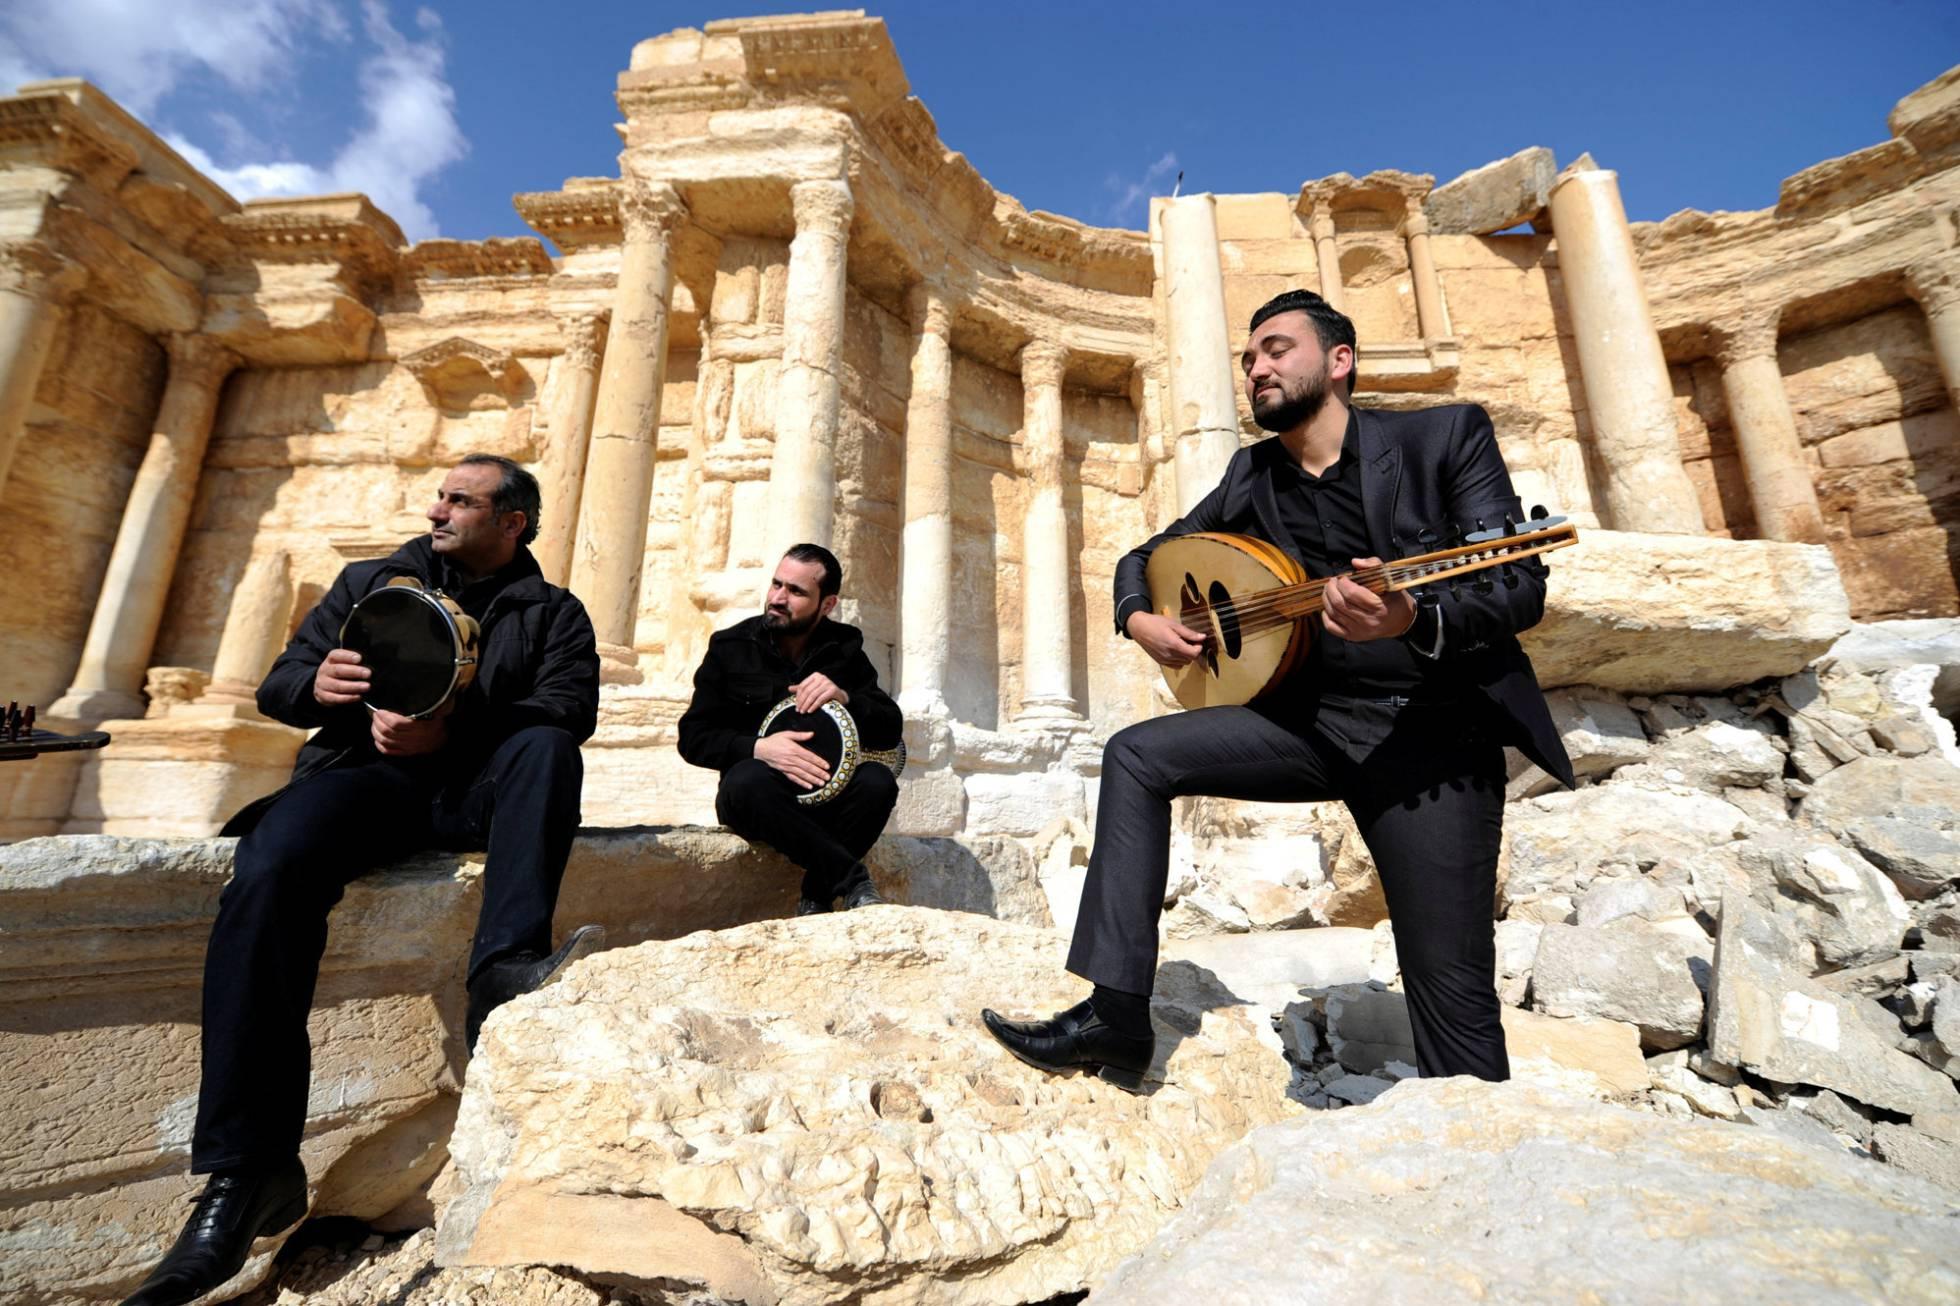 Revolucion en Siria. - Página 40 1488742925_905650_1488743547_noticia_normal_recorte1